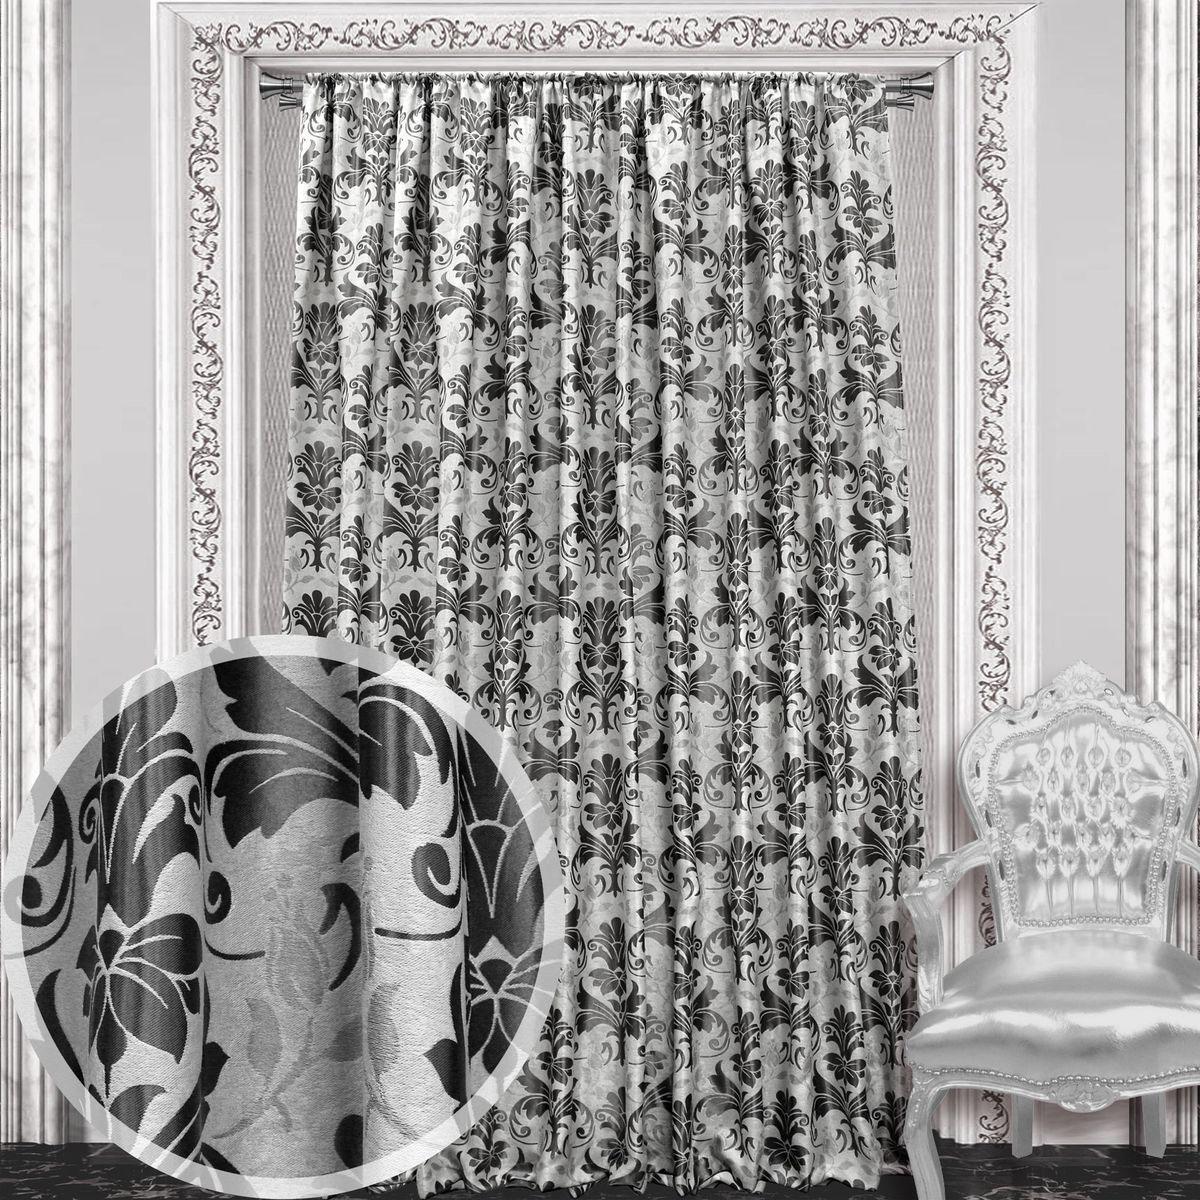 """Штора """"Amore Mio"""" с роскошным рисунком изготовлена из 100% полиэстера. Полиэстер - вид ткани, состоящий из полиэфирных волокон. Ткани из полиэстера легкие, прочные и износостойкие. Такие изделия не требуют специального ухода, не пылятся и почти не мнутся.Крепление к карнизу осуществляется при помощи вшитой шторной ленты."""